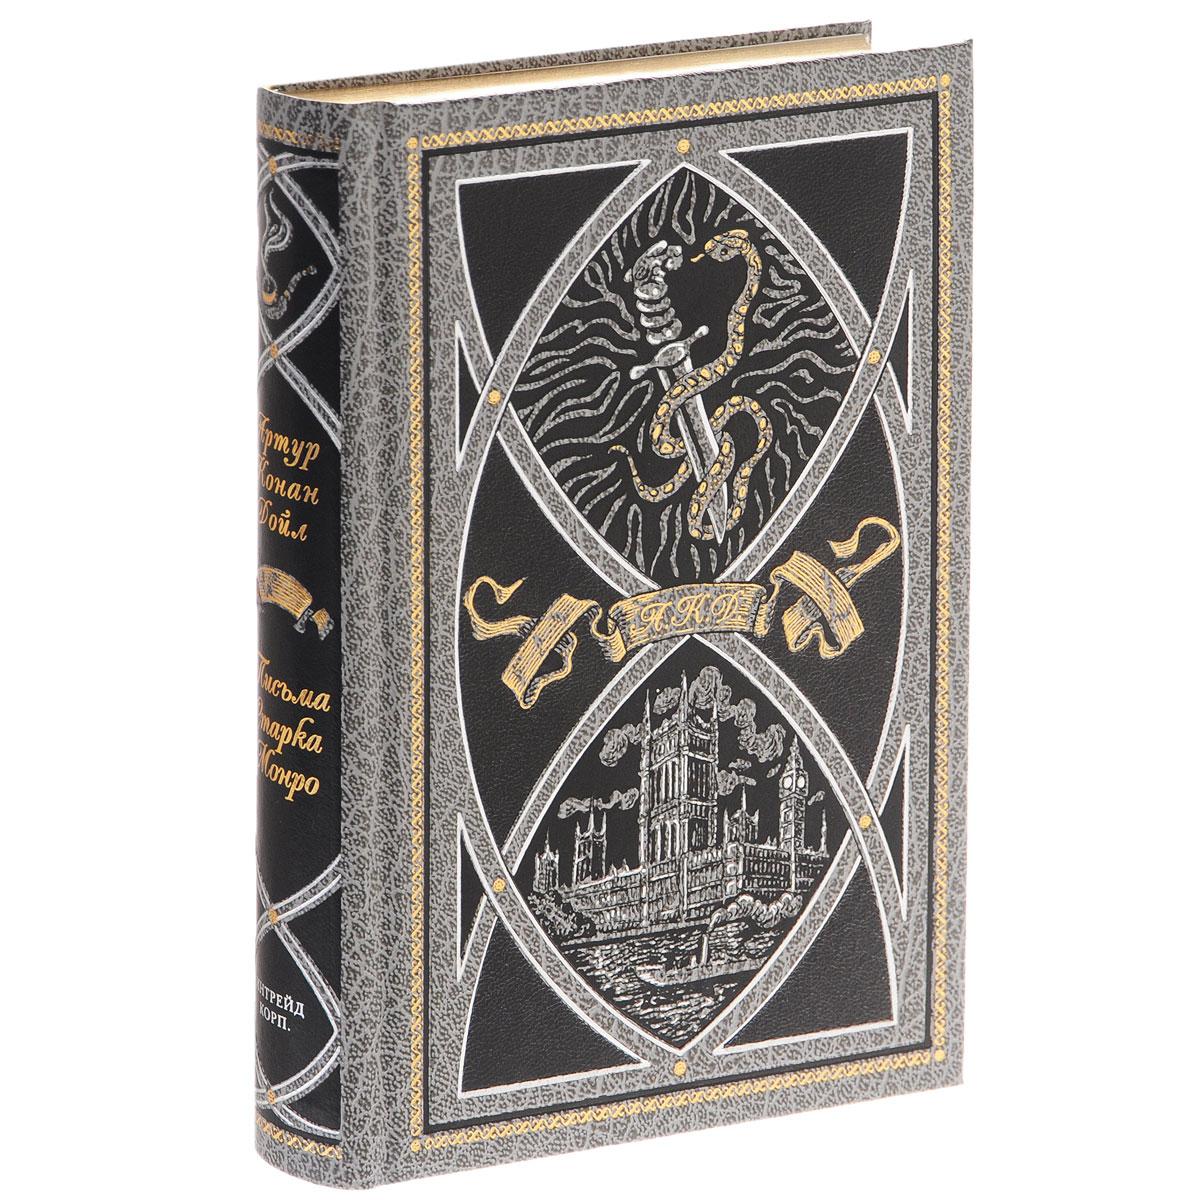 Артур Конан Дойл. Избранные сочинения. Письма Старка Монро . Рассказы (подарочное издание)